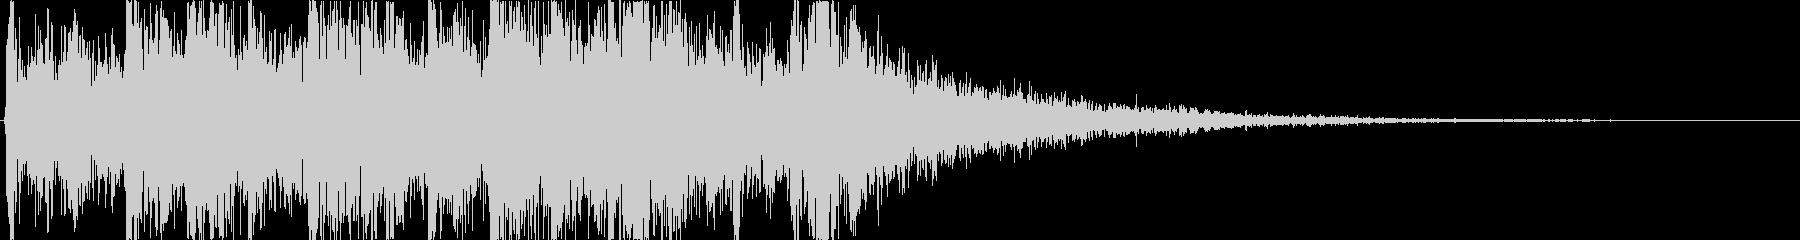 ピッチカートとエレクトリックなリズムロゴの未再生の波形